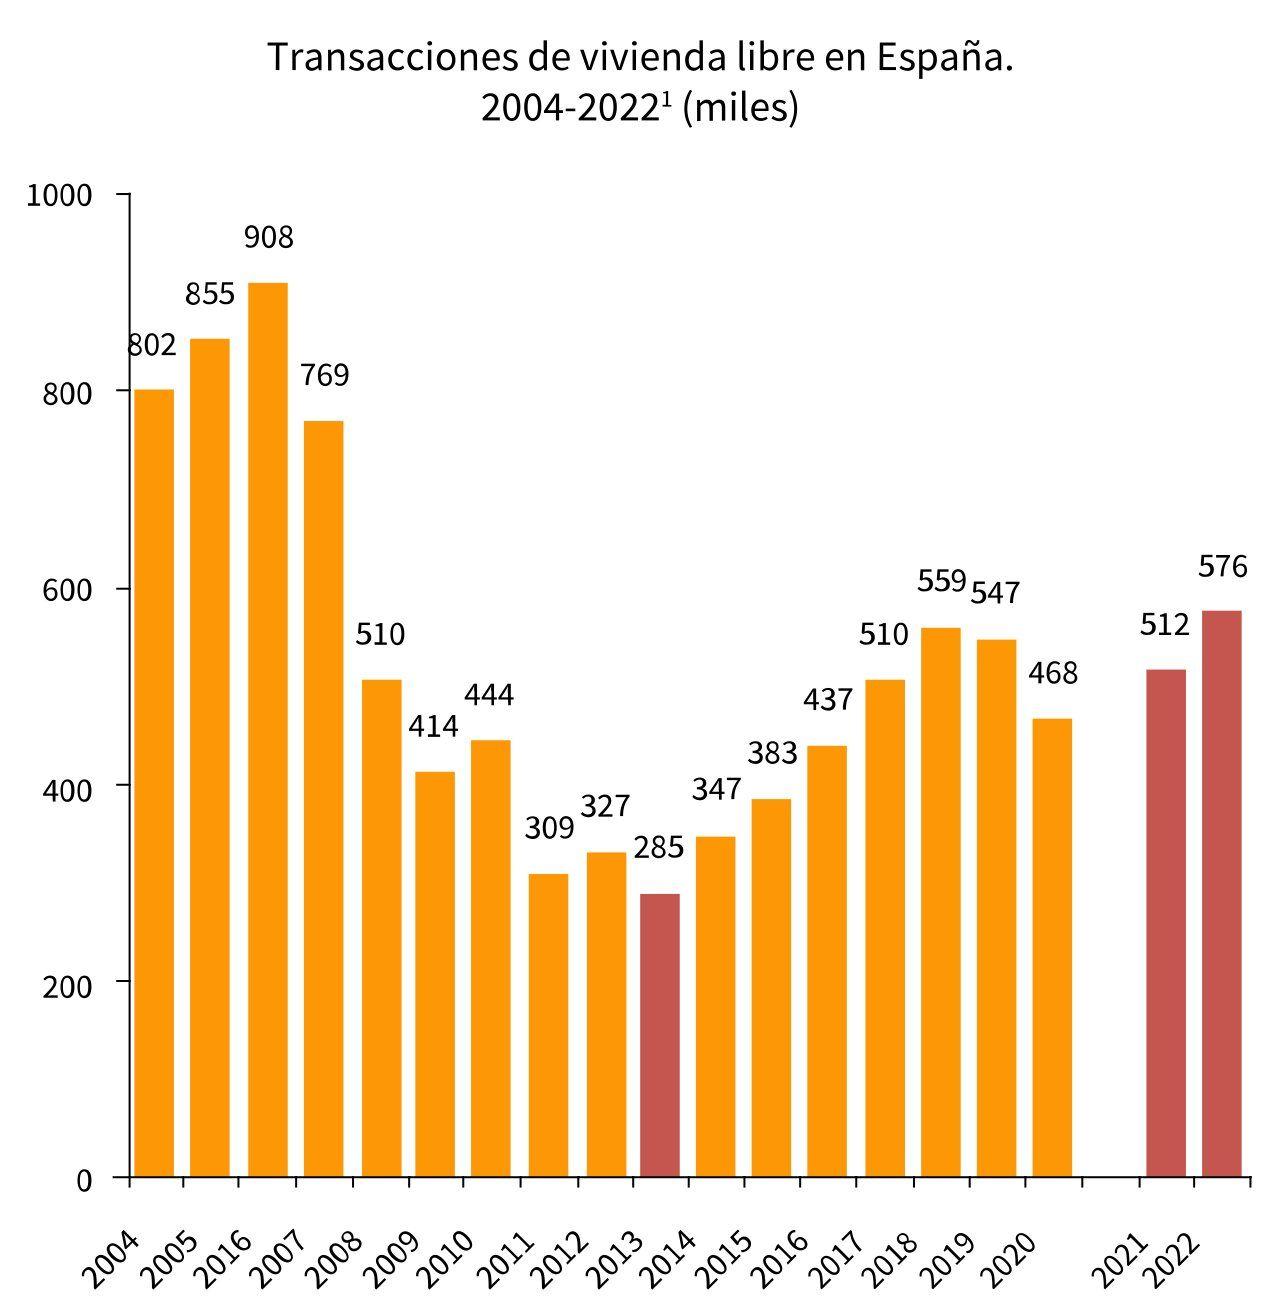 Previsiones de Anticipa en base a los datos del Ministerio de Fomento, Transporte y Agenda Urbana.